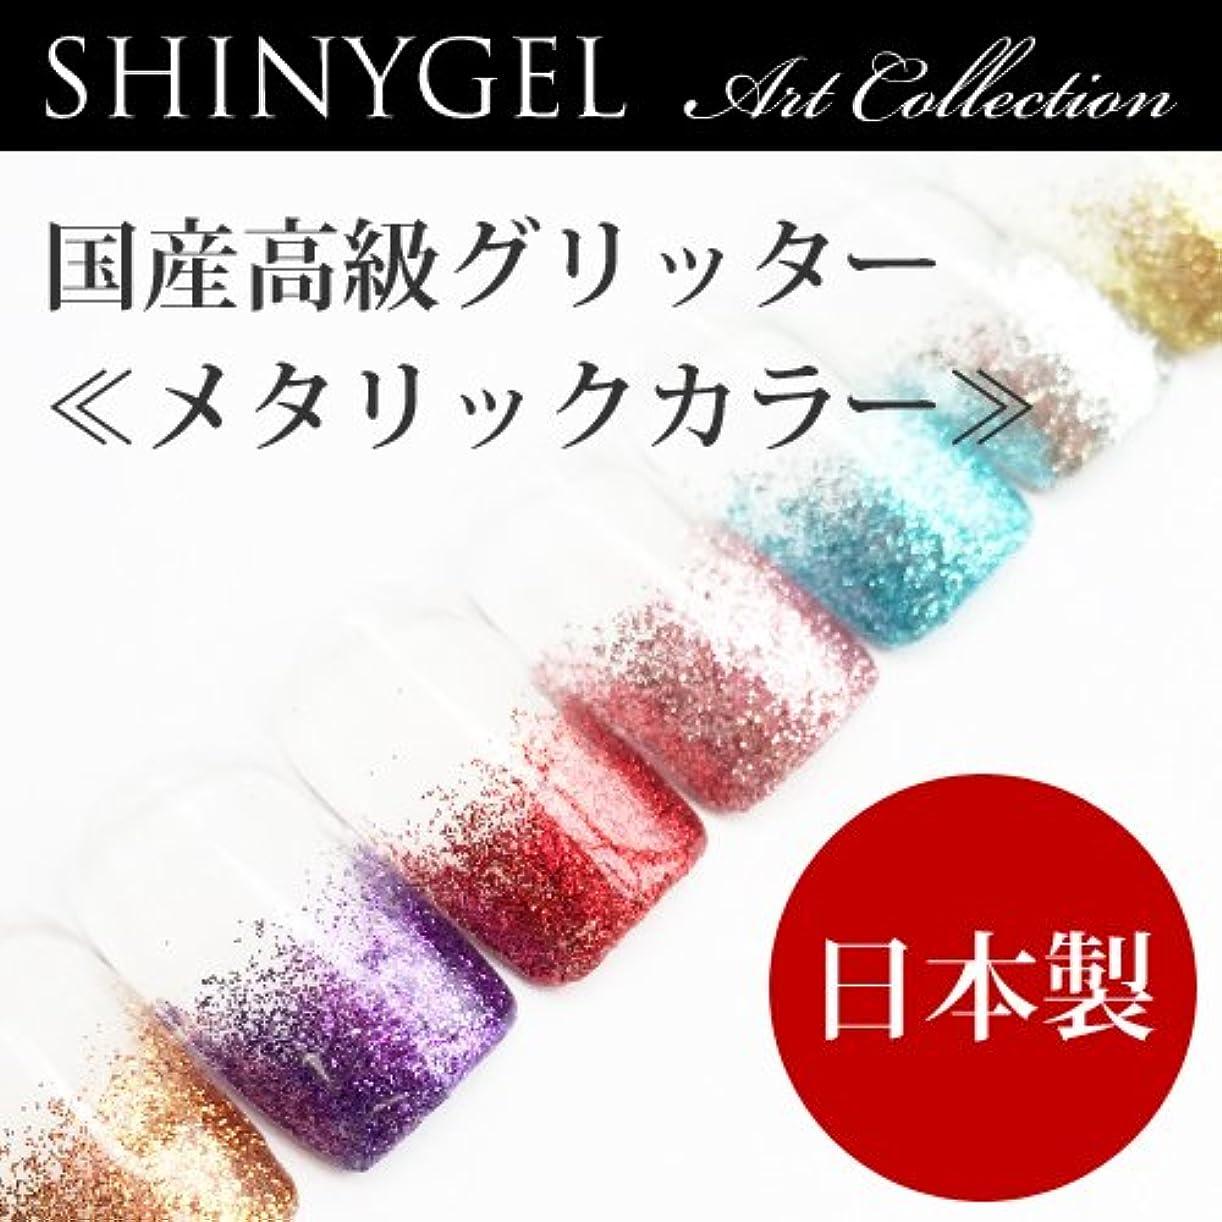 同時広く収束?日本製?SHINYGEL シャイニージェル アートコレクション/ラメ?グリッター<メタリックカラー>ライトピンク